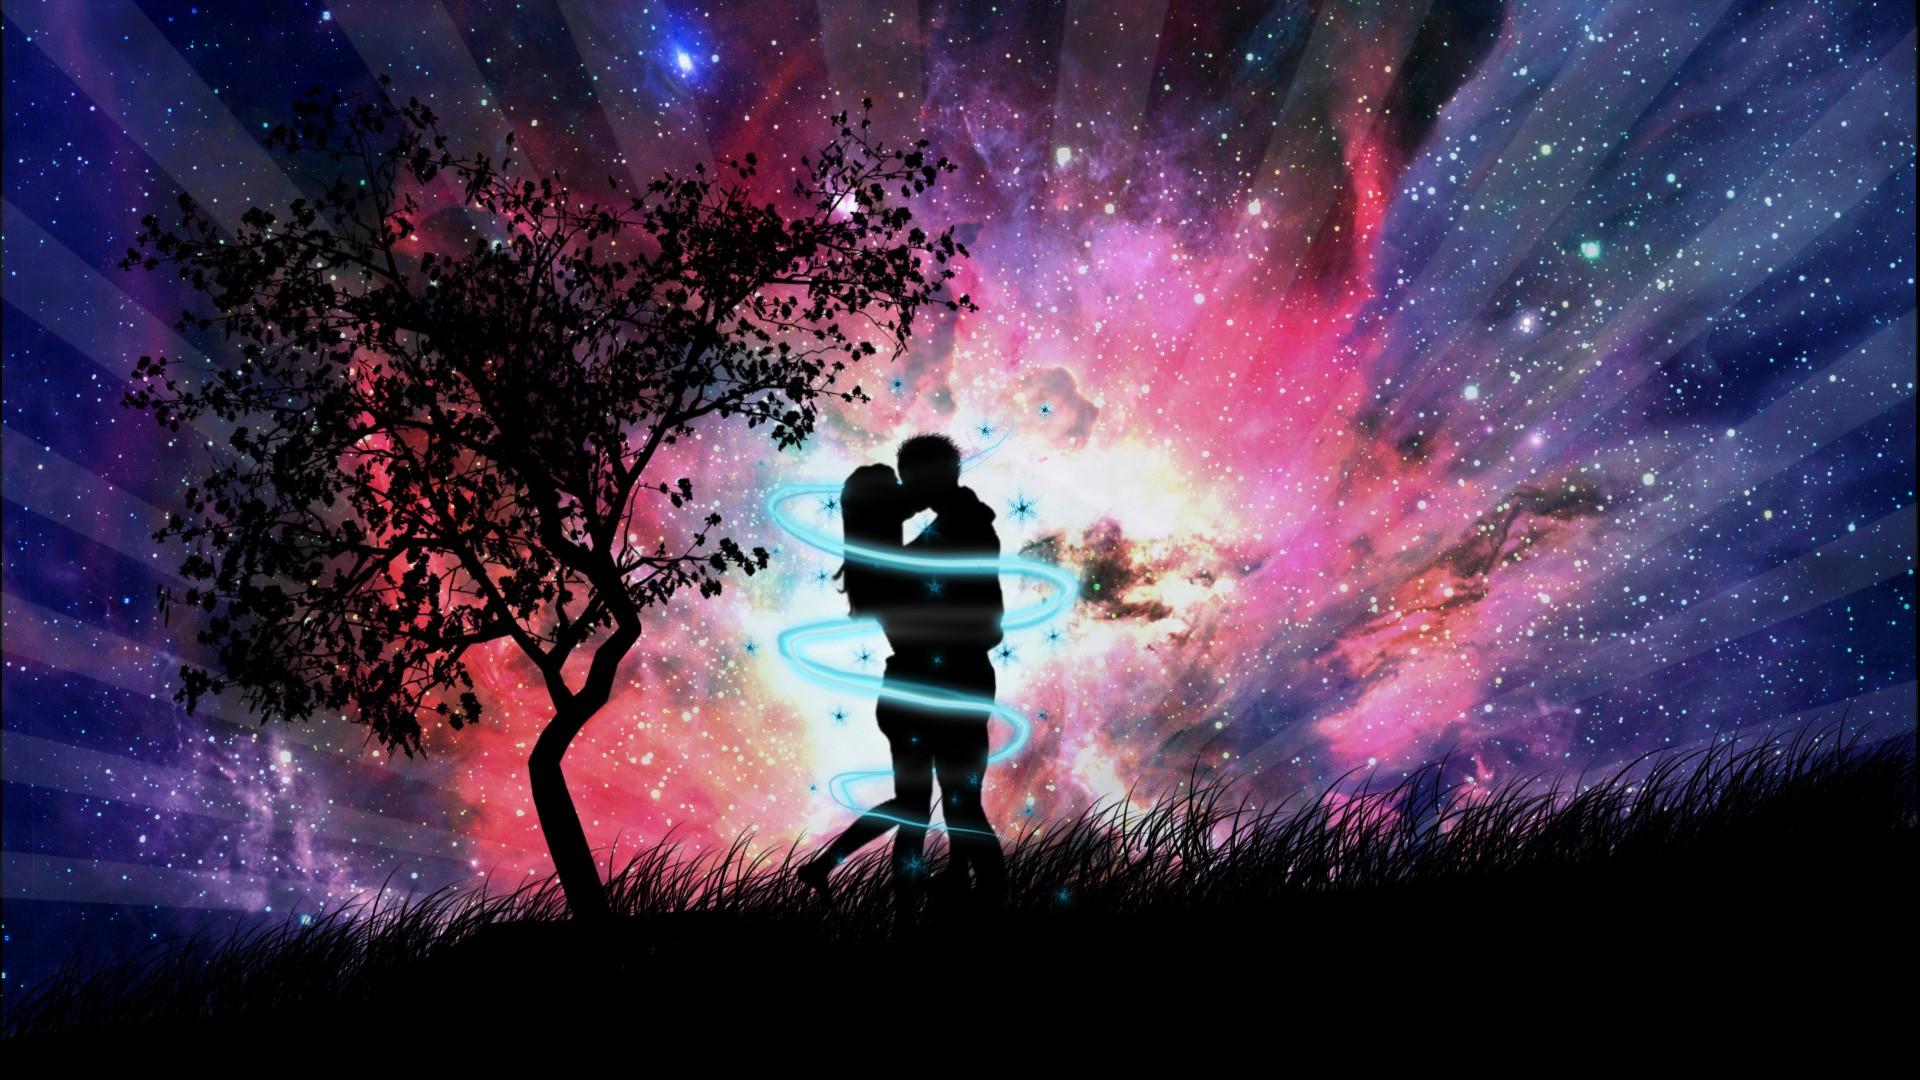 Wallpaper 3d Love